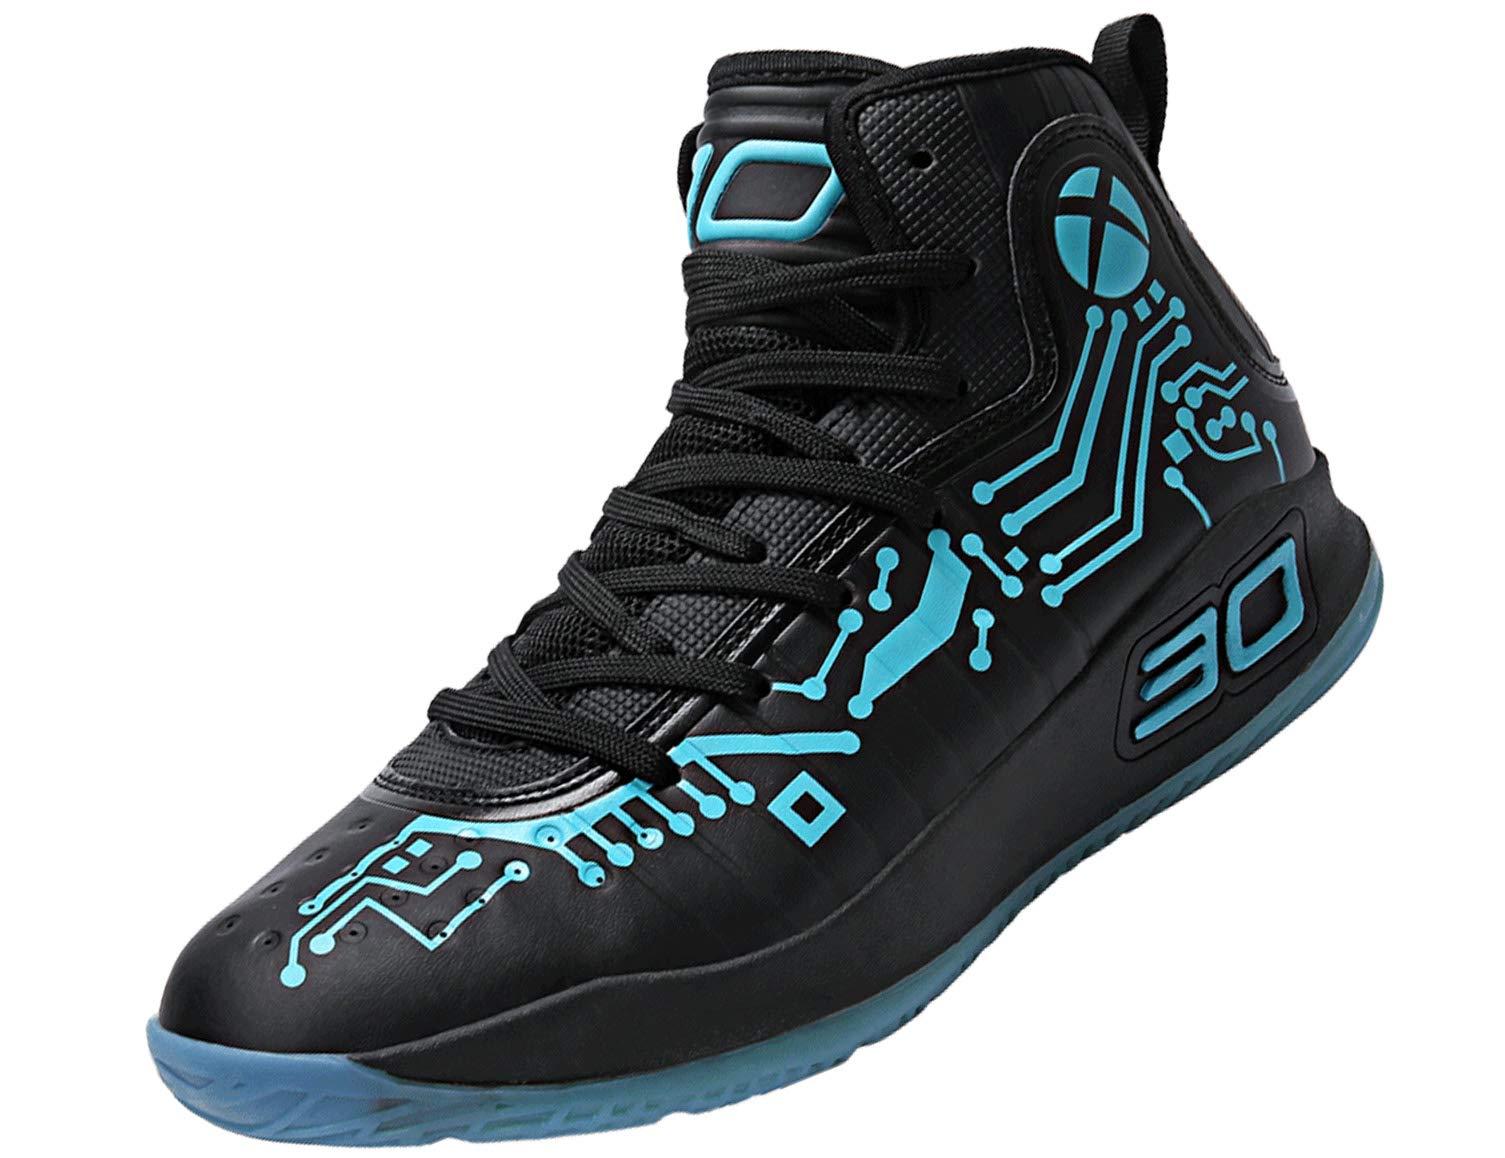 b5625736e72 SINOES Hombre Zapatillas de Baloncesto Calzado Deportivo Al Aire Libre Moda  High-Top Sneaker Antideslizante